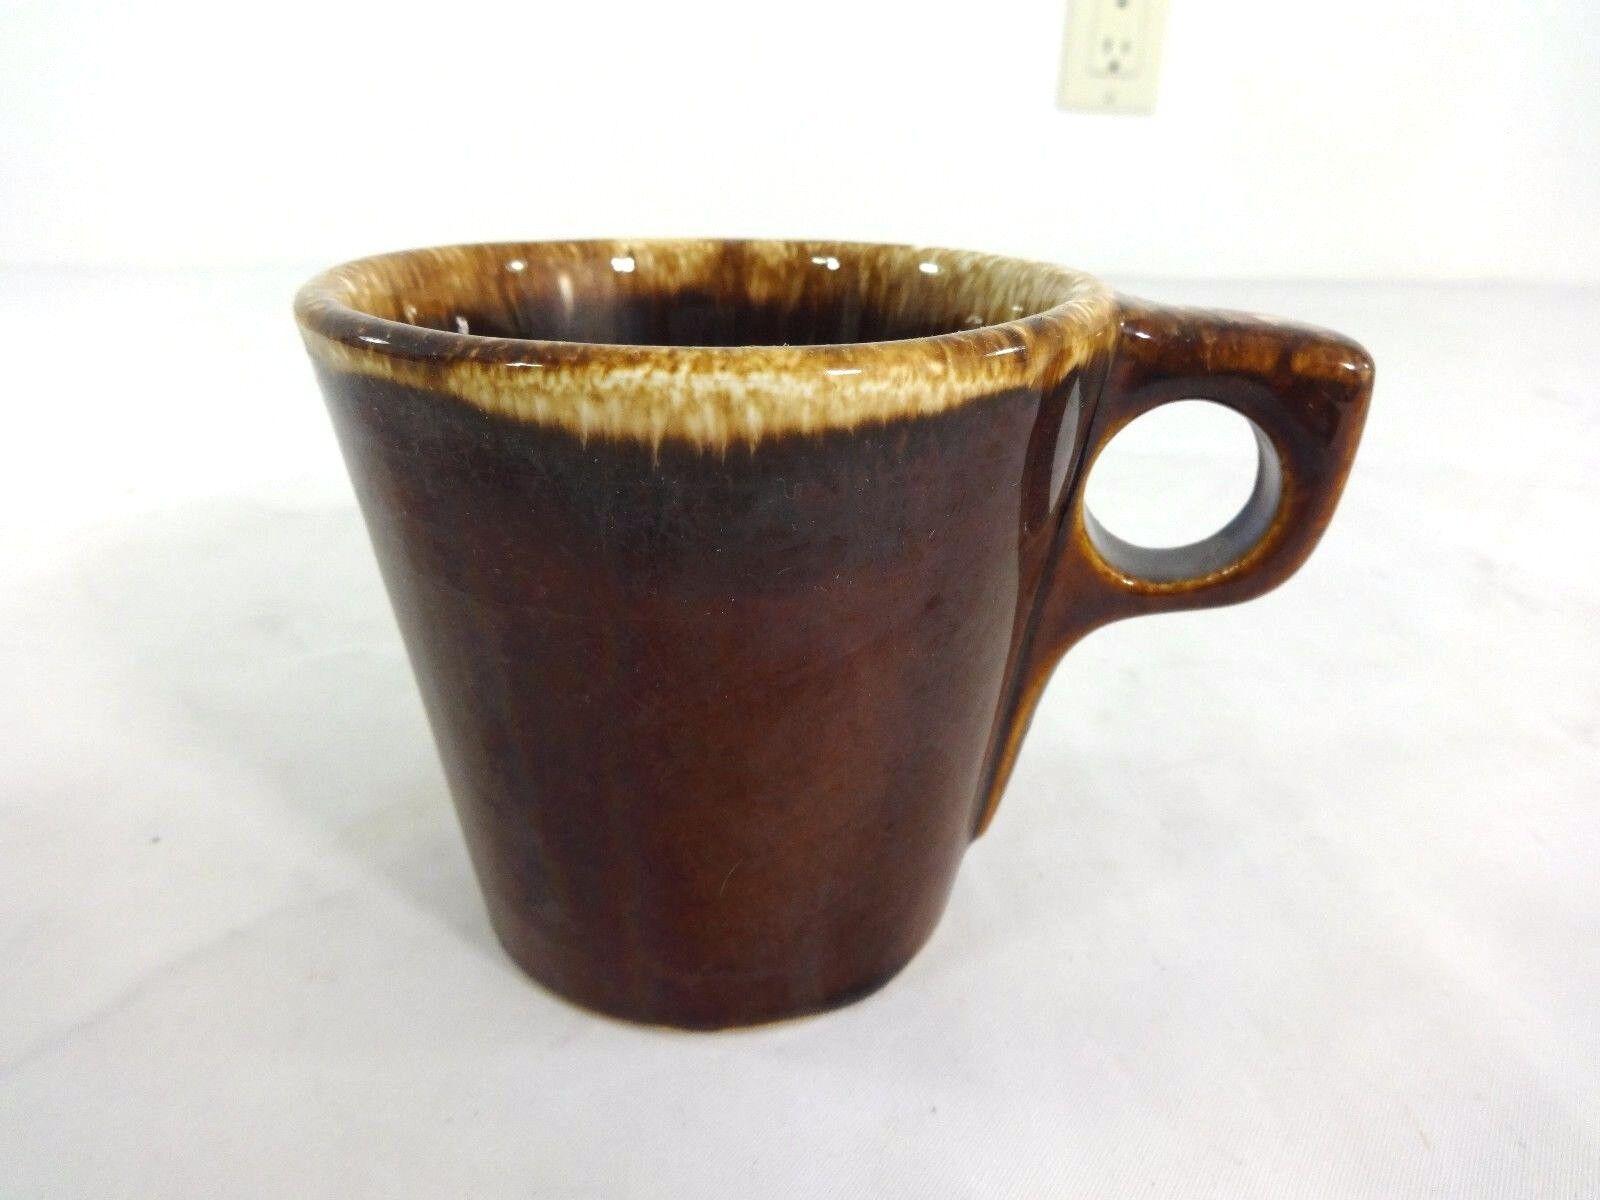 3fba9db2612 Hull Pottery Brown Drip Coffee Mug Vintage Oven Pruf Proof USA | eBay